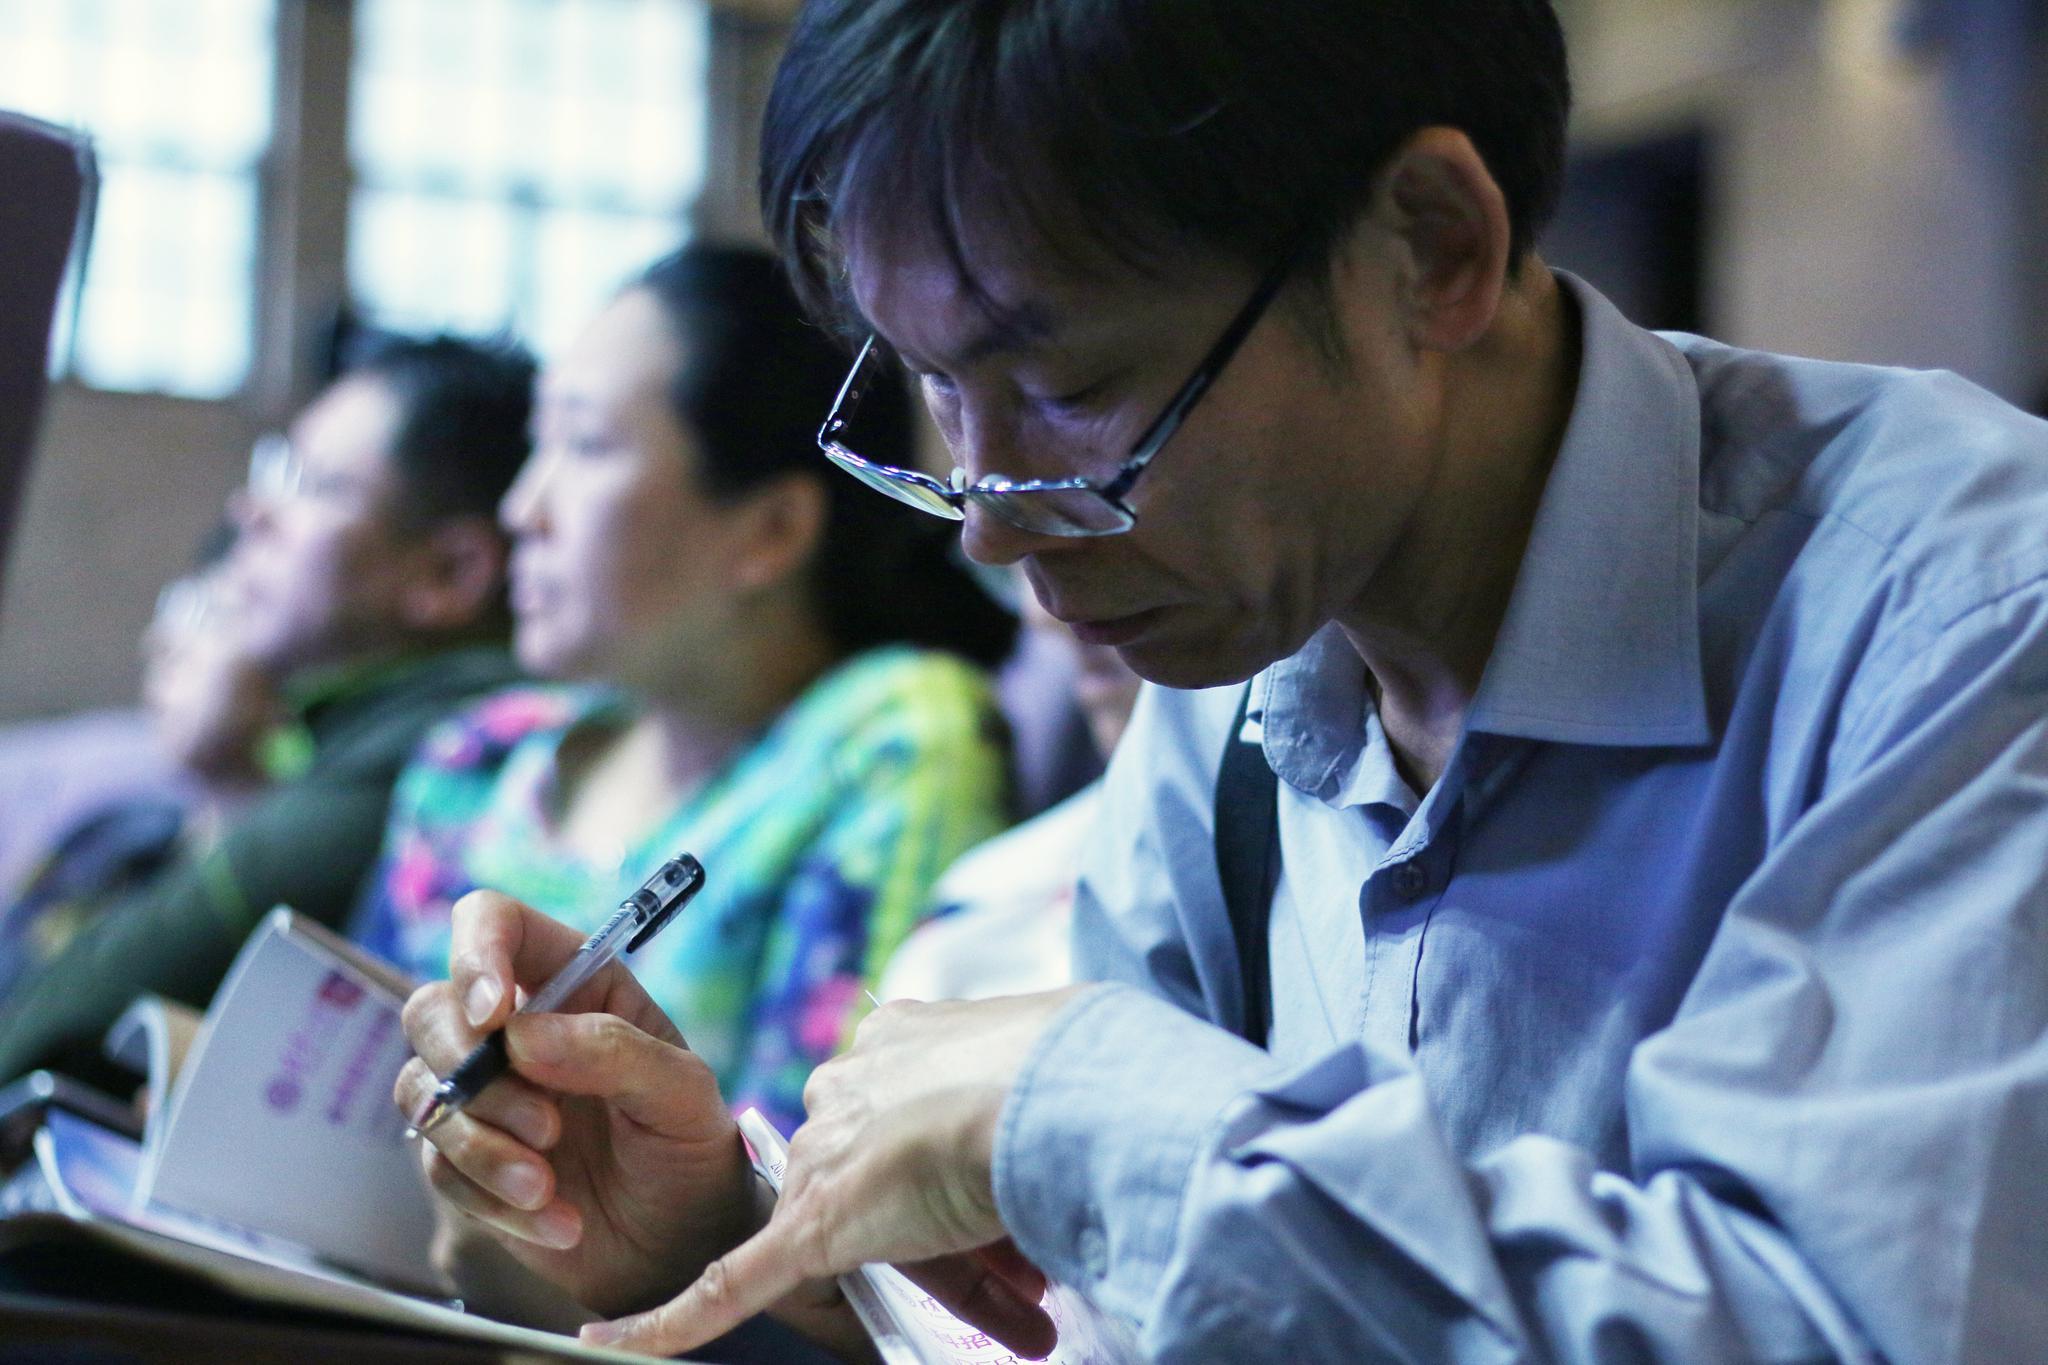 一位家长在清华大学大礼堂记录招生信息。摄影/新京报记者陈婉婷